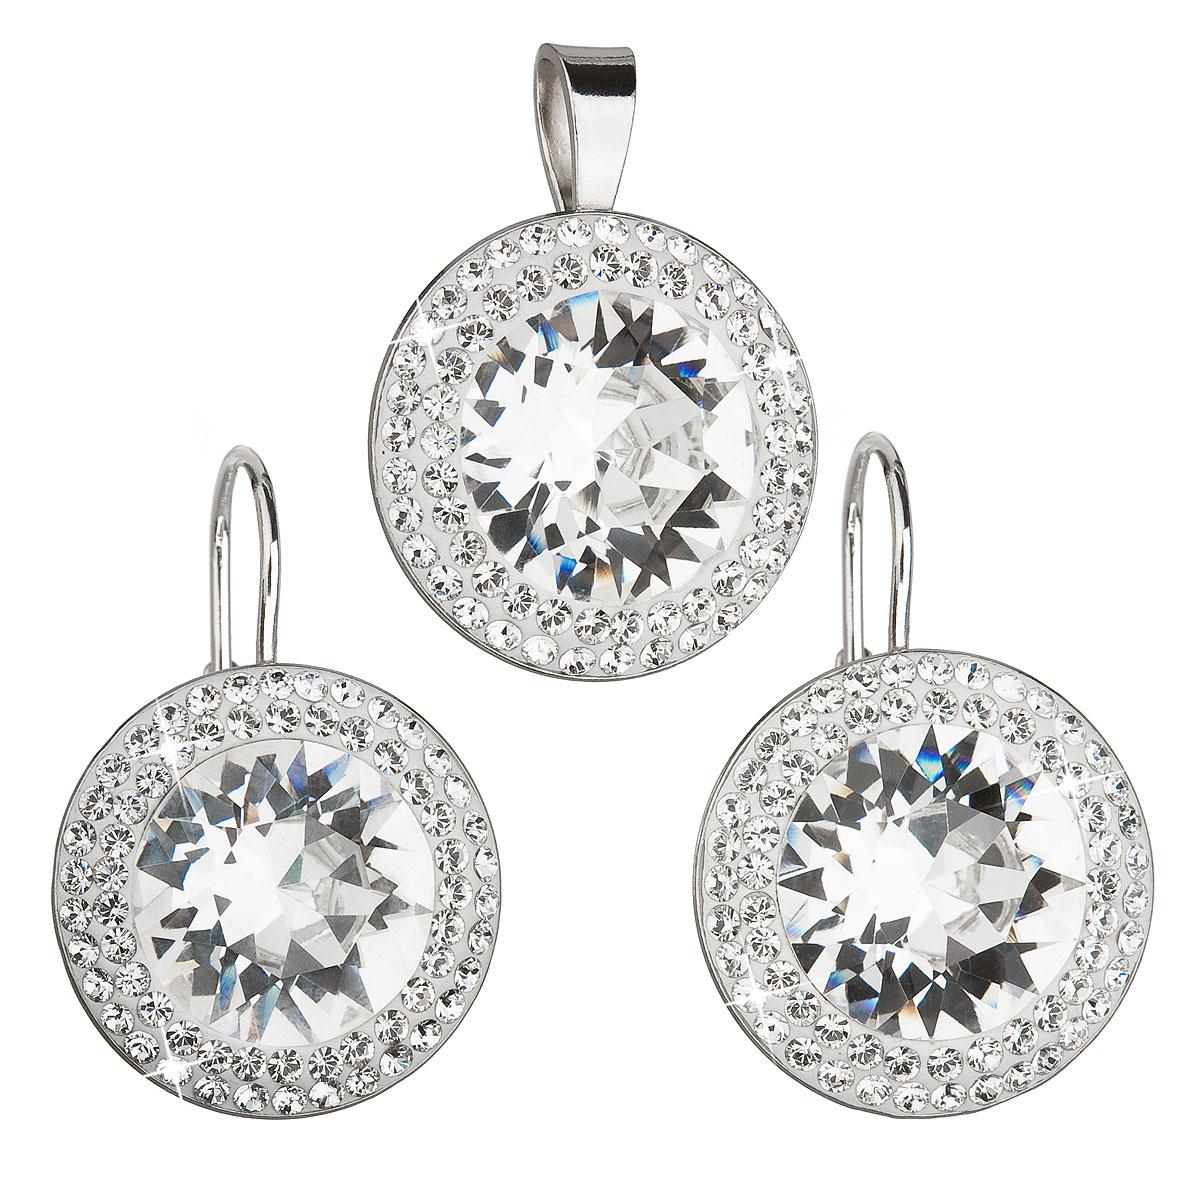 Sada šperkov s krištáľmi Swarovski náušnice a prívesok biele okrúhle 39108.1